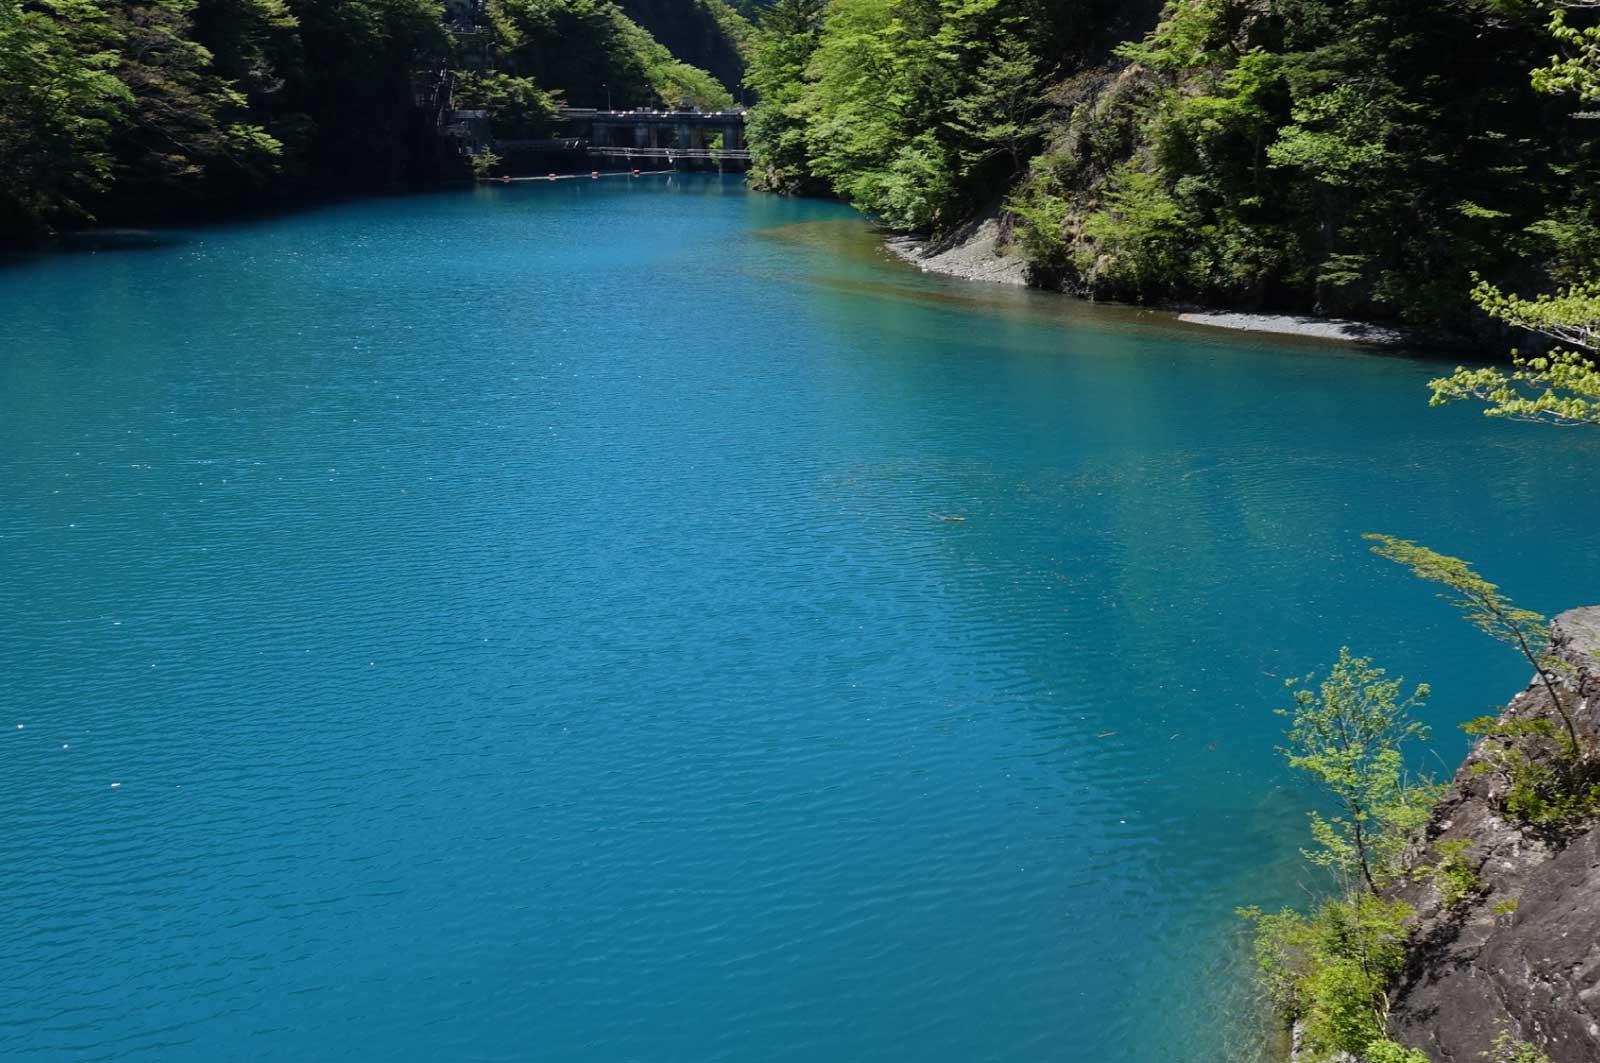 青ではなく、水色に近い色をしていて非常に美しい